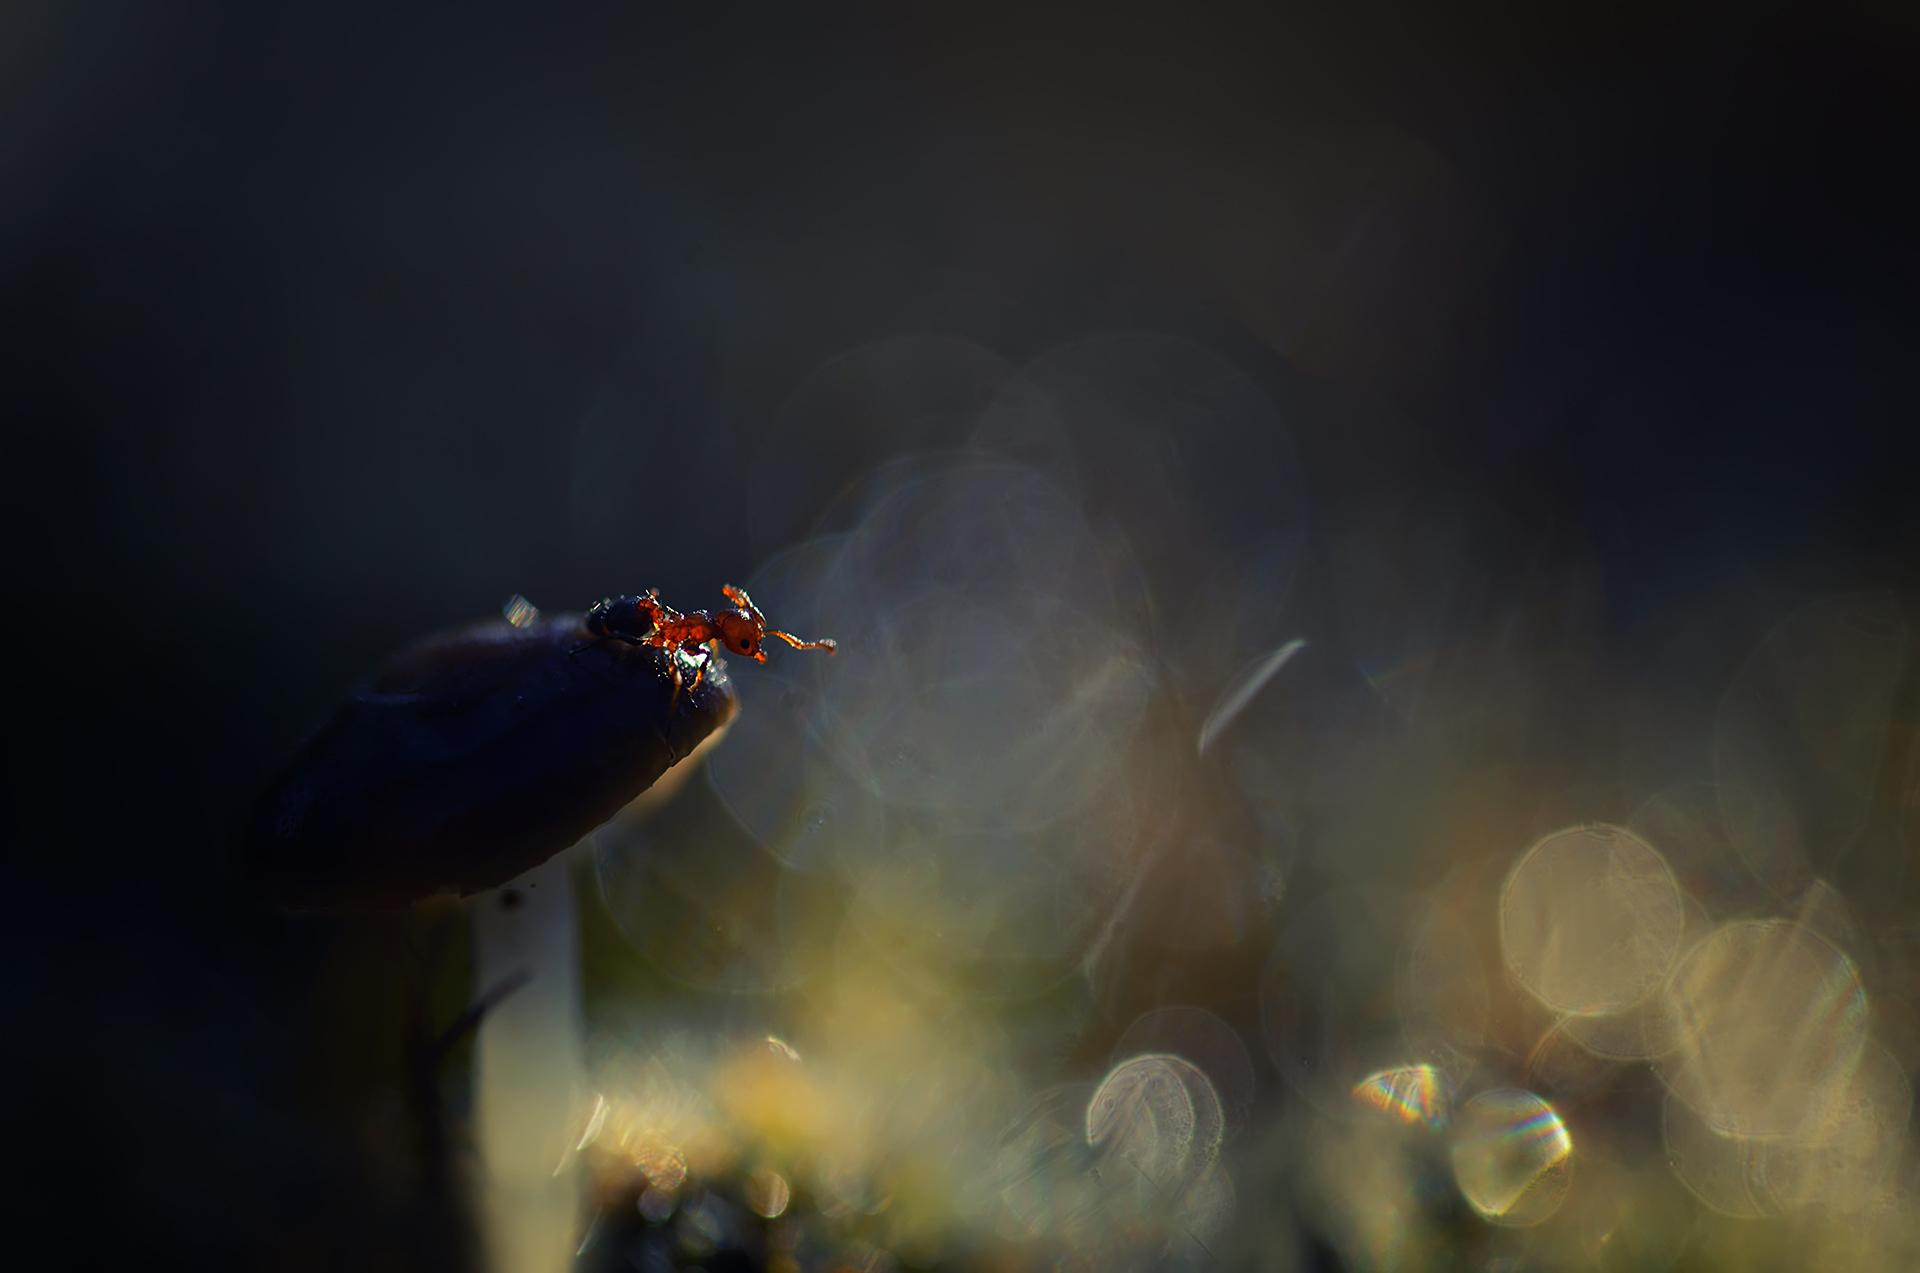 Photo in Macro | Author Хristina Russeva - XristinaRuseva | PHOTO FORUM